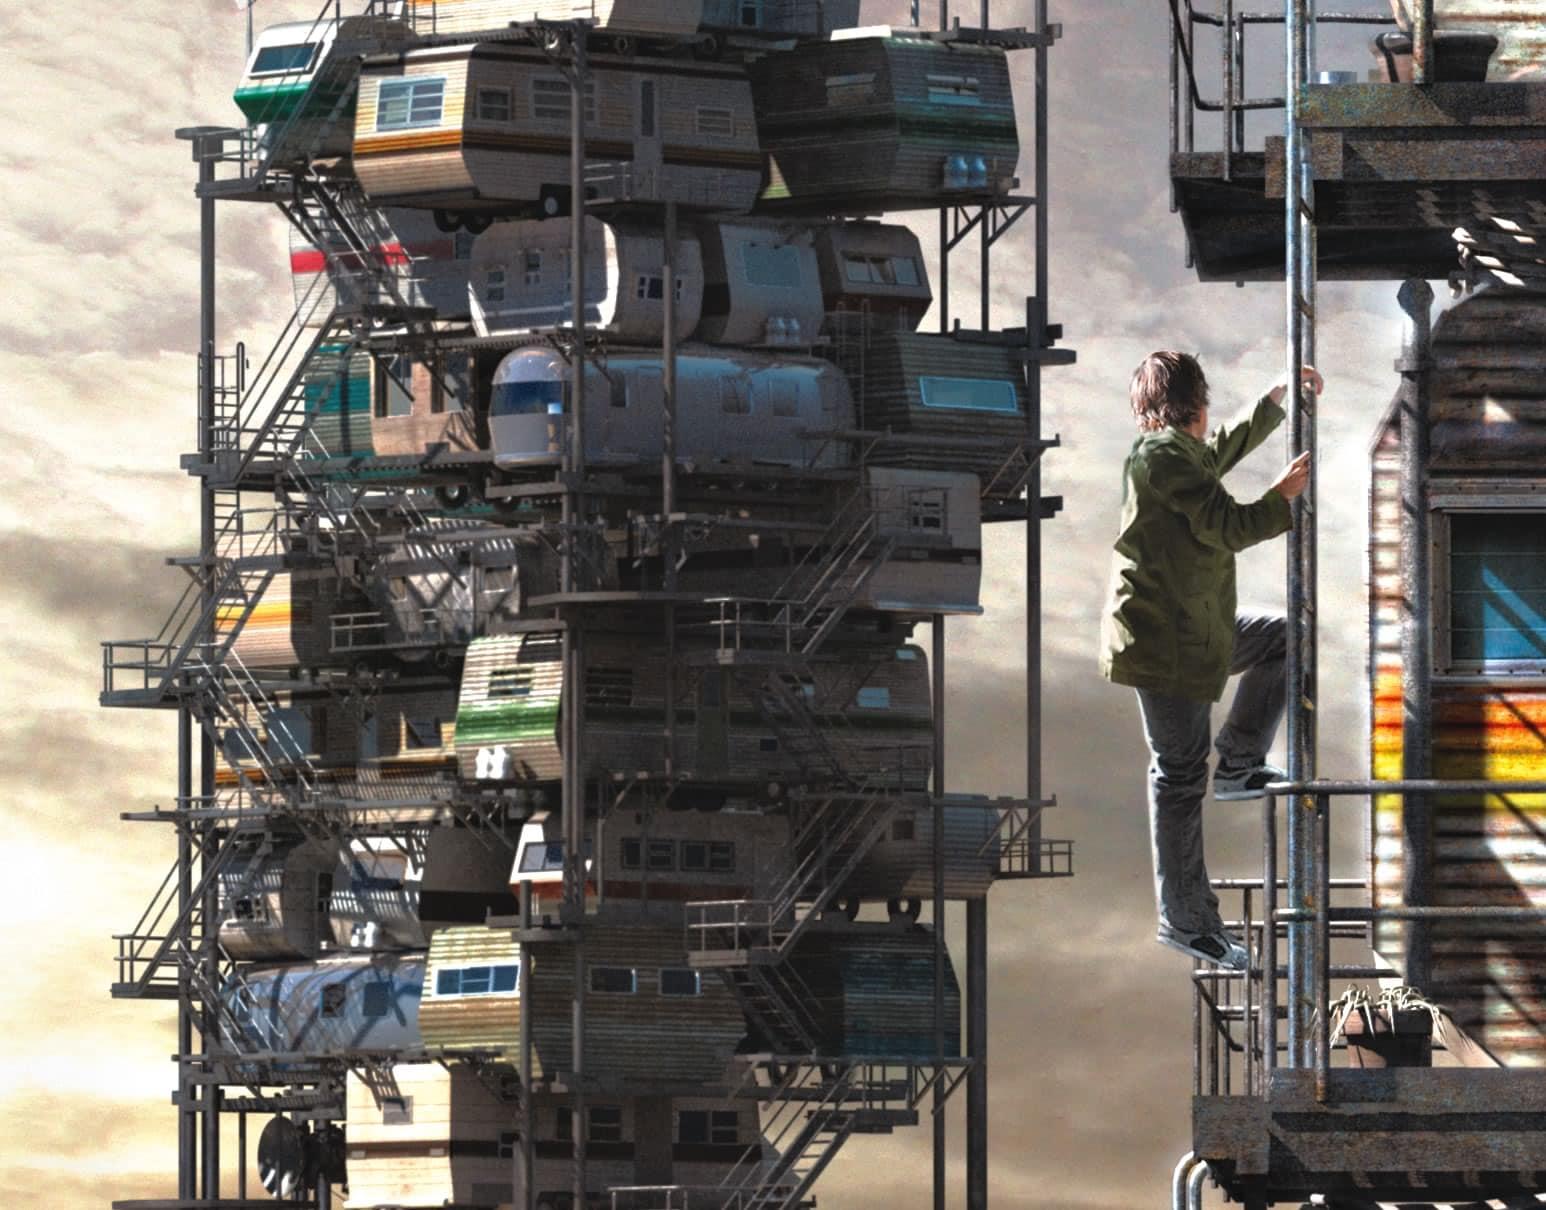 Imagen Promocional de Ready Player One de Ernest Cline. Warner Bros. parece haber revelado al director de la esperada adaptación para el cine de la novela de culto Ready Player One. Ready Player One podría ser dirigida por Steven Spielberg y aun sin un elenco confirmado.